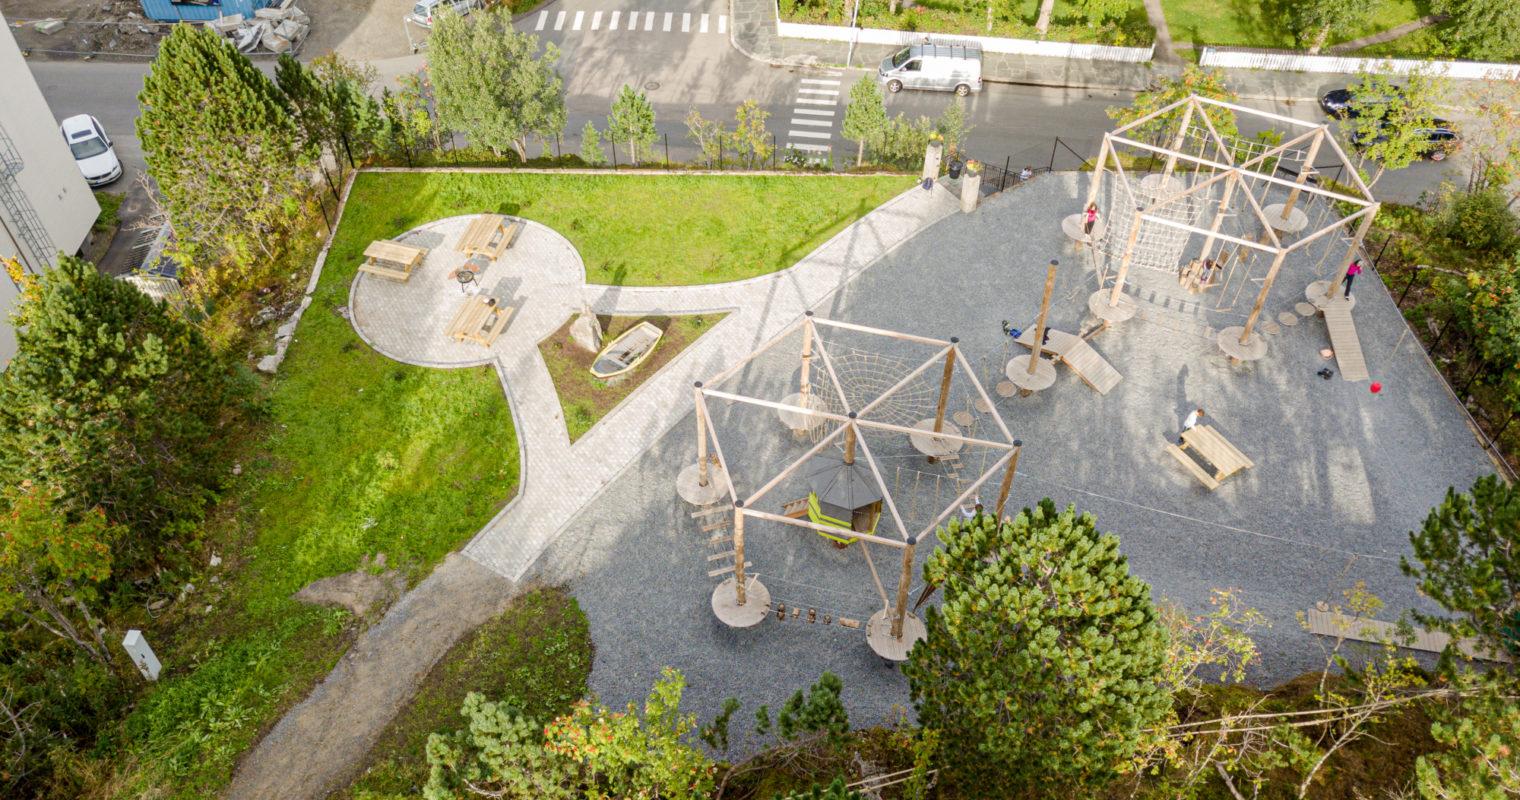 Playground in Svolvær